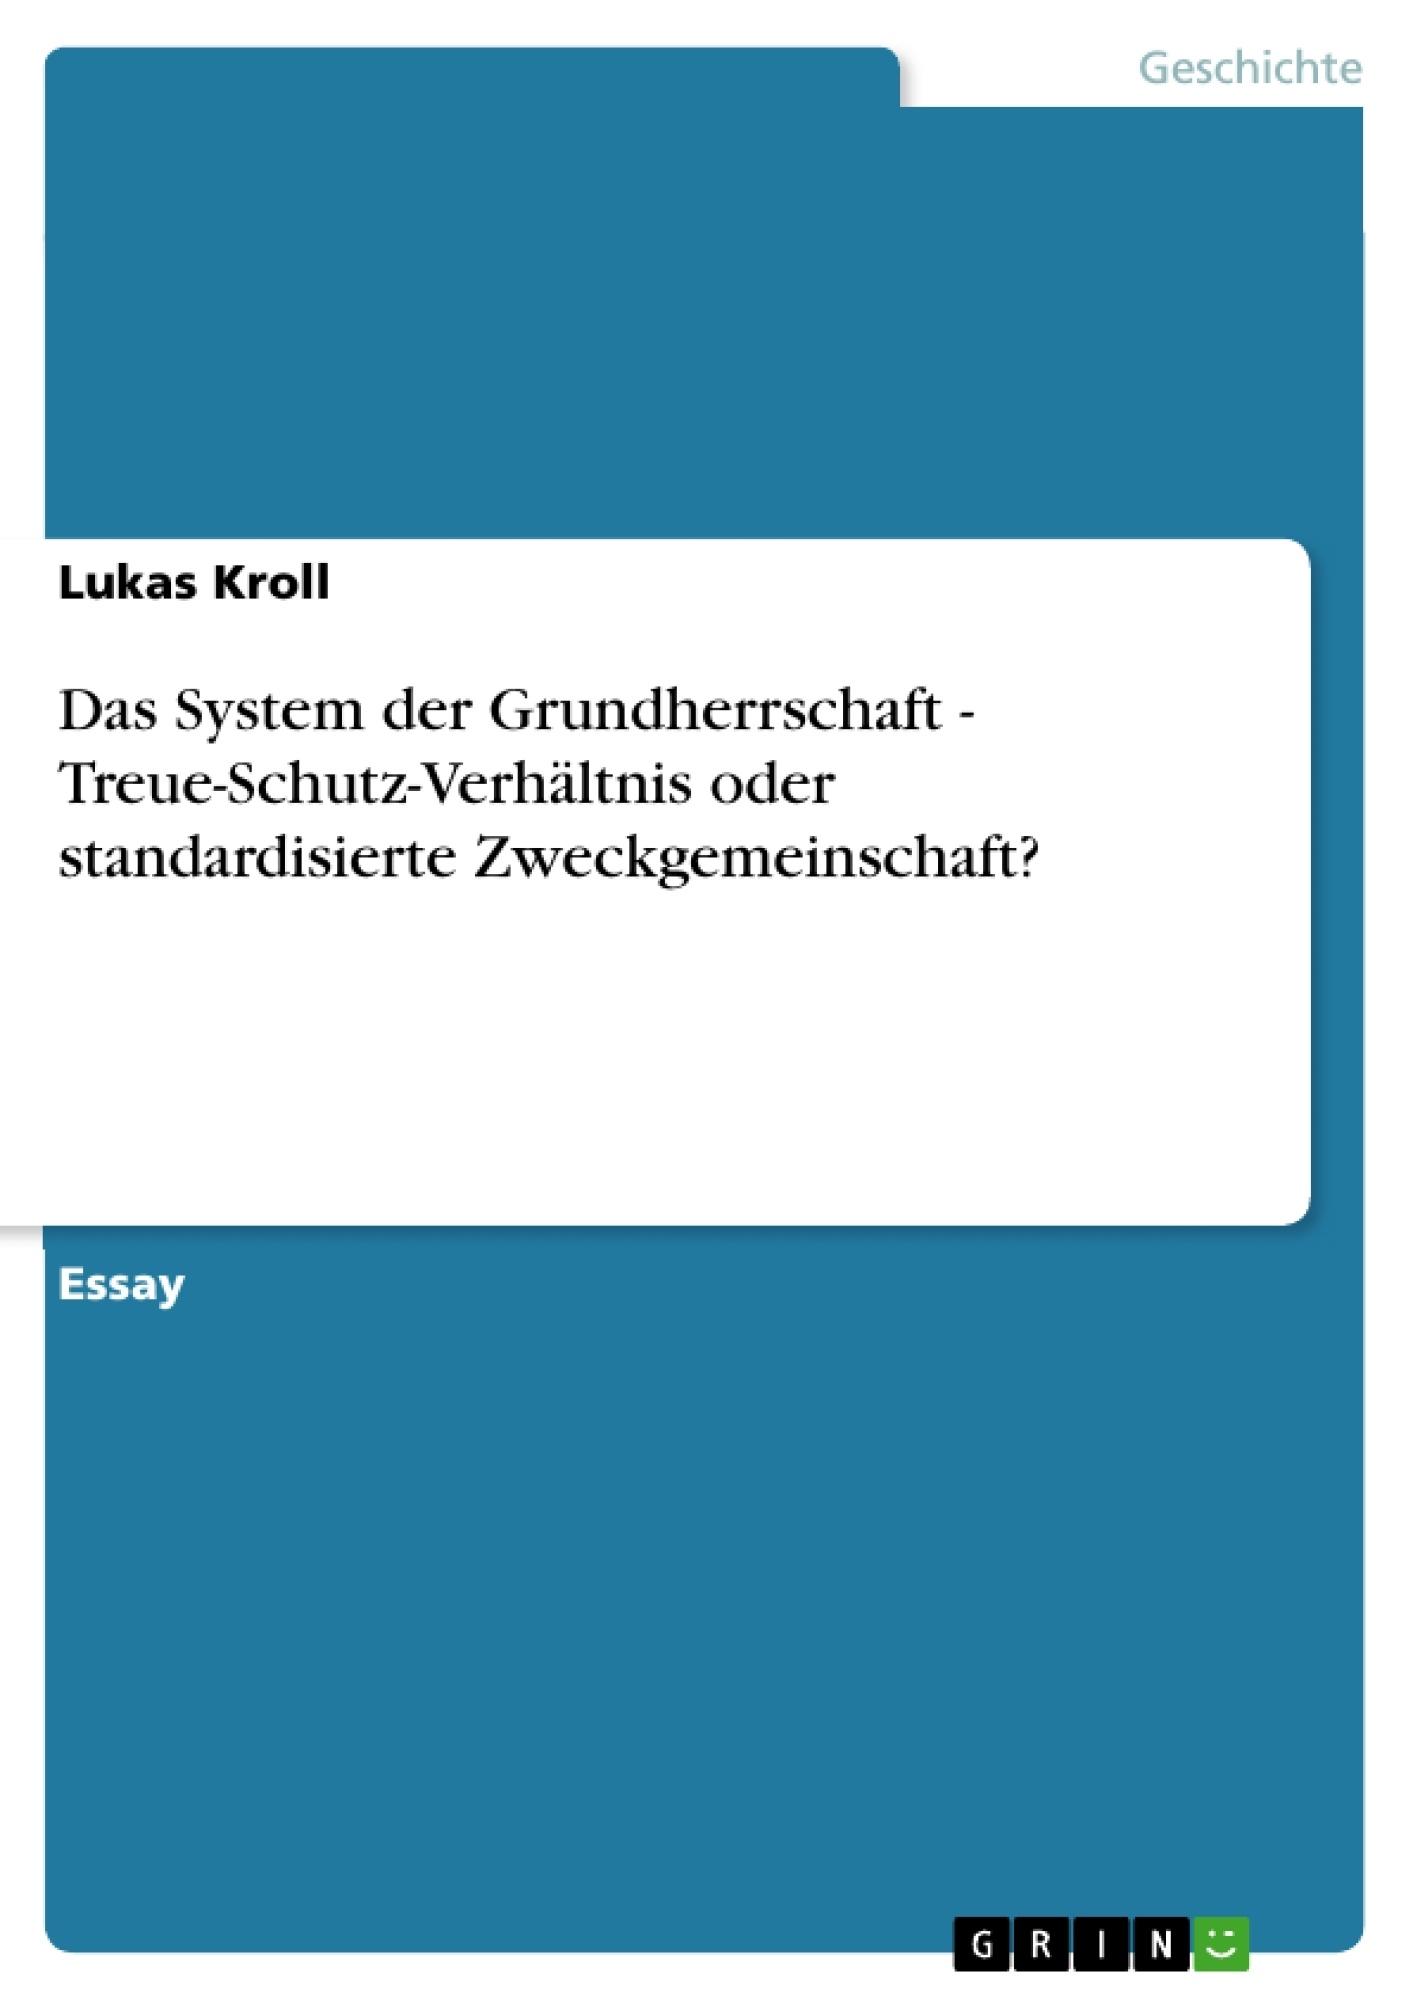 Titel: Das System der Grundherrschaft -  Treue-Schutz-Verhältnis oder standardisierte Zweckgemeinschaft?